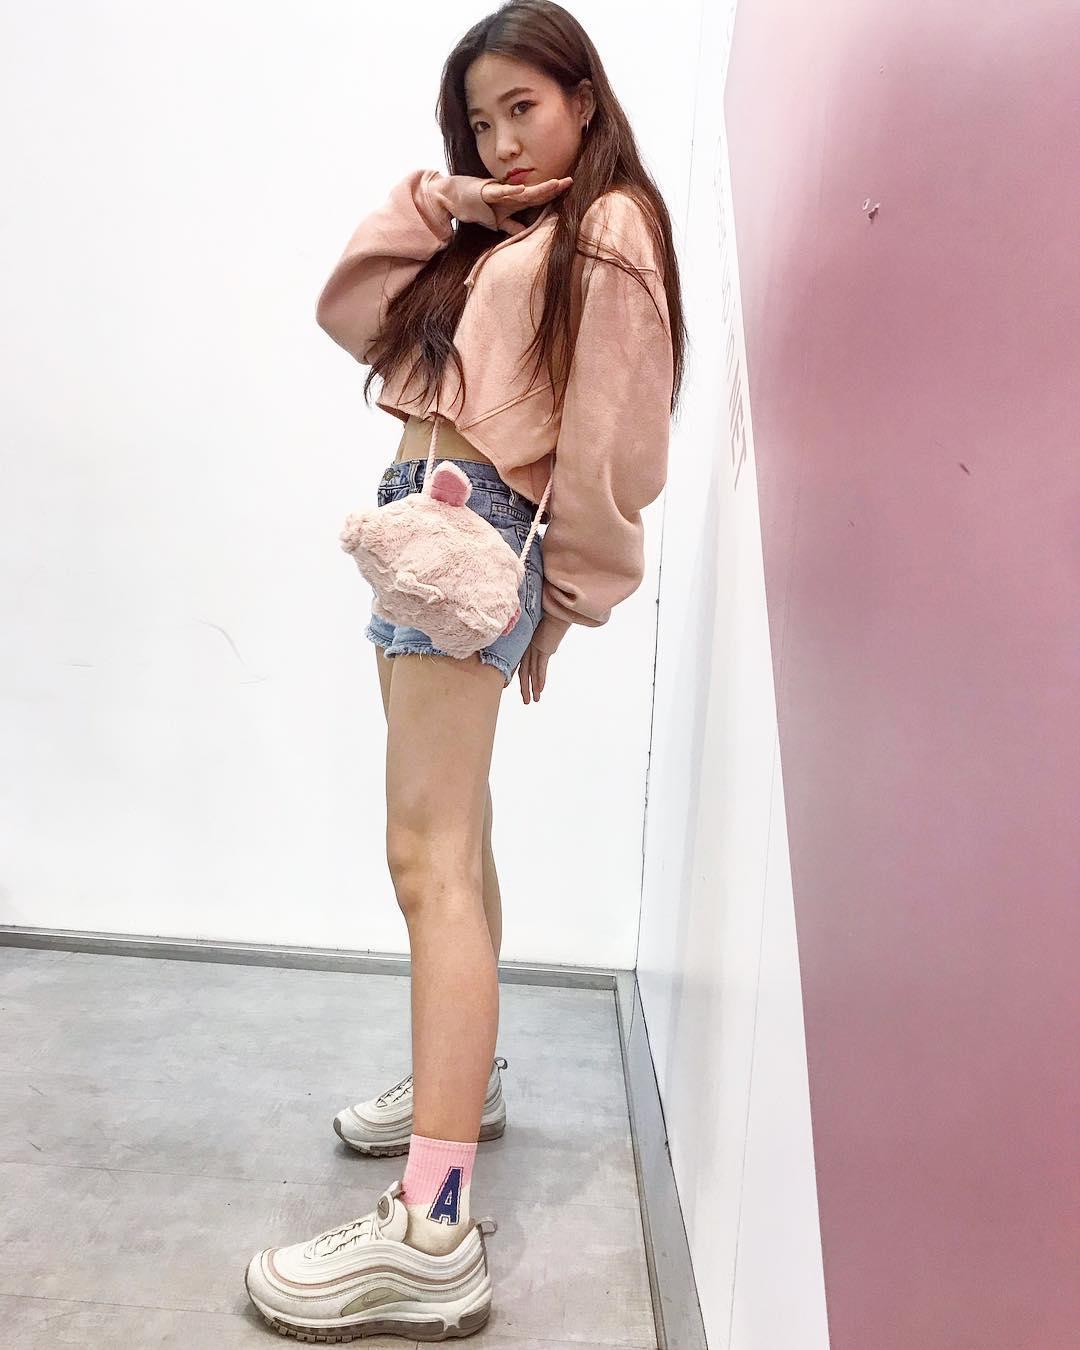 alphiephie10  甜美女孩穿上比基尼好身材超優質 - 素人正妹 -